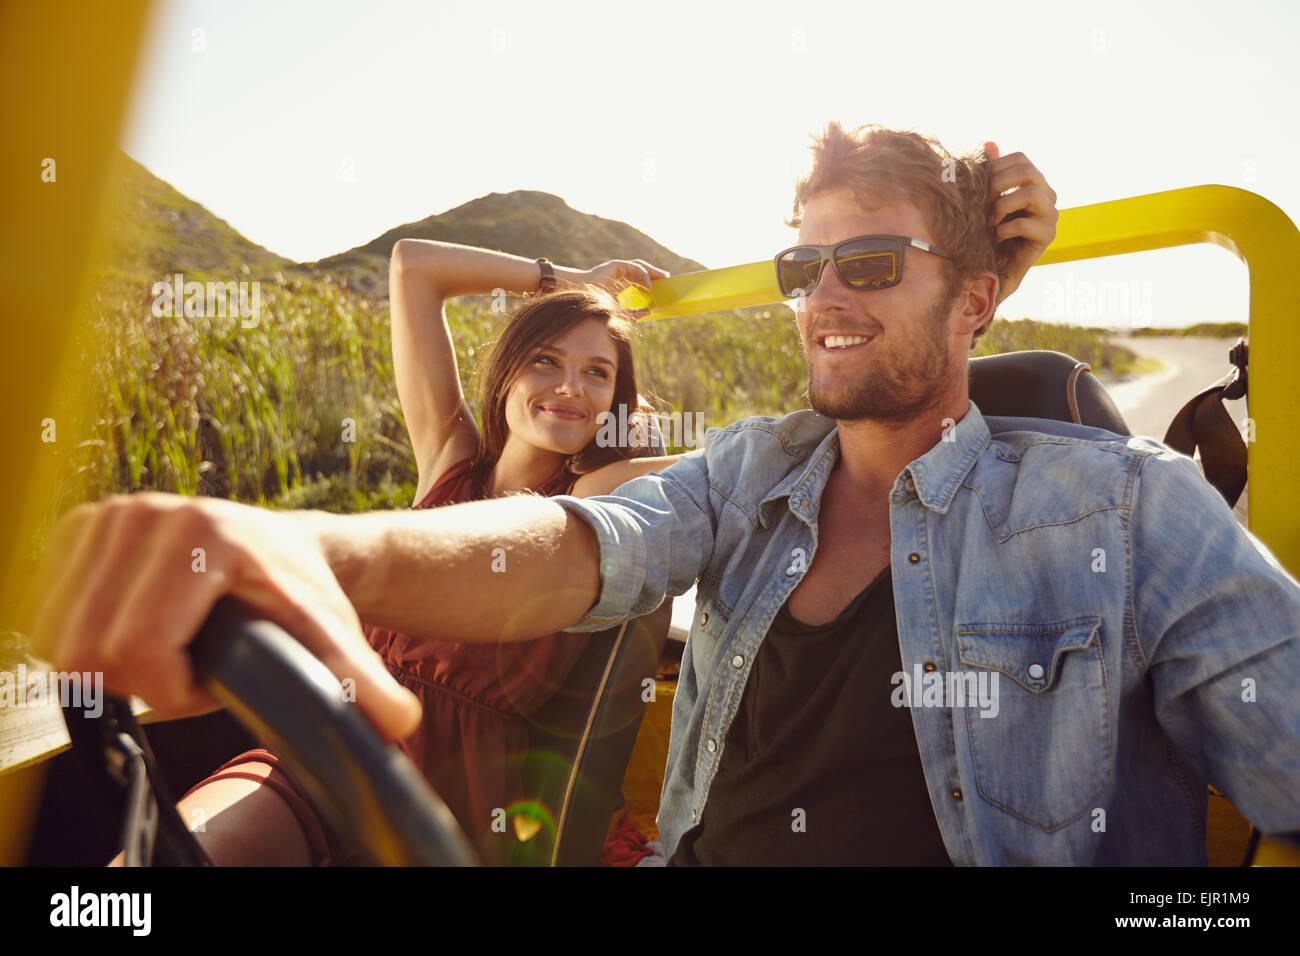 Man man driving car un jour d'été. Jeune couple aimant on road trip. Photo Stock